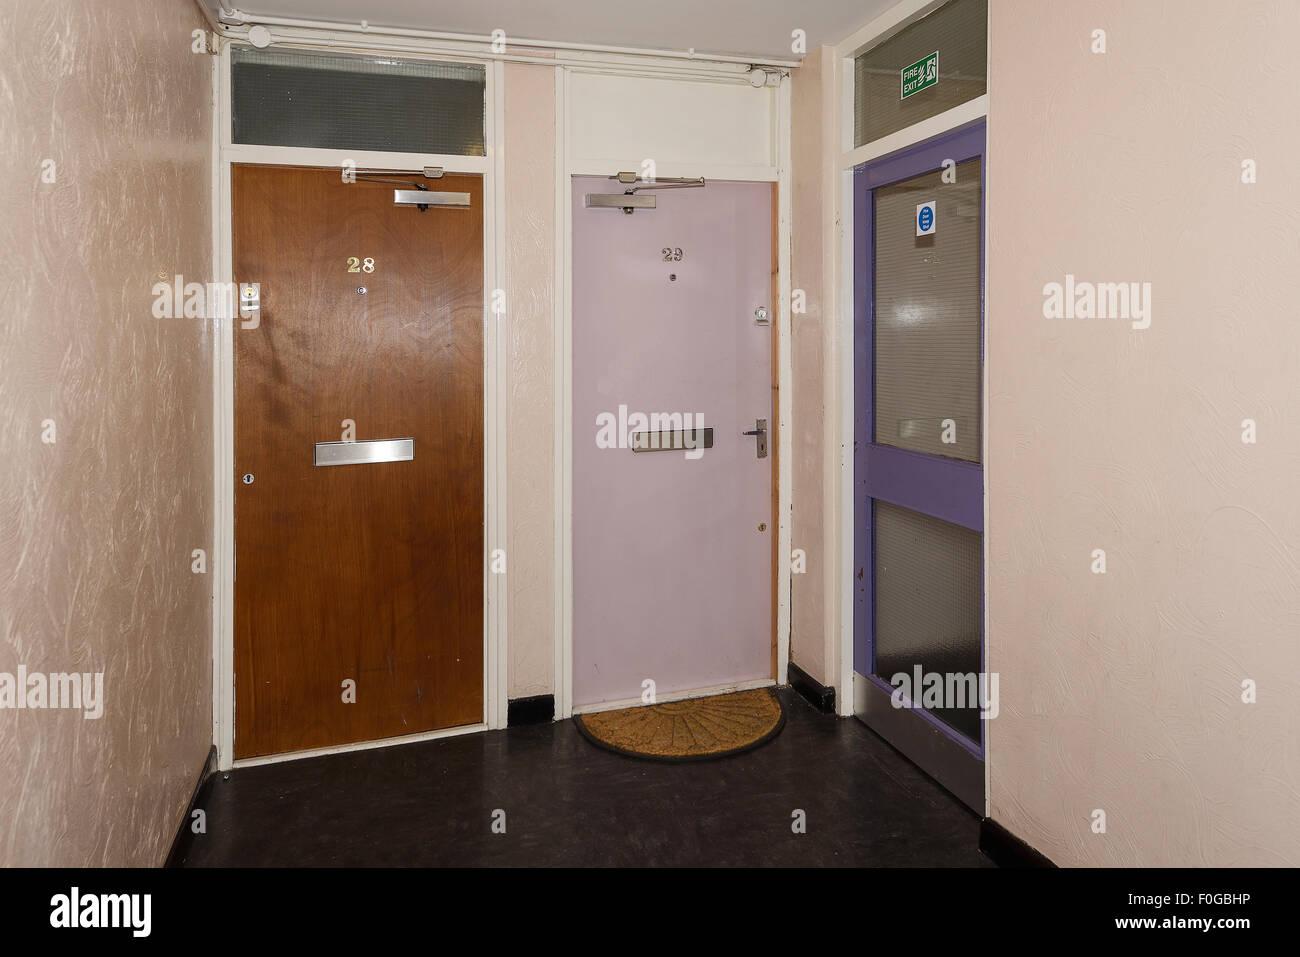 Le porte anteriori a due appartamenti all'interno di un consiglio eseguire torre residenziale blocco in Birmingham Immagini Stock